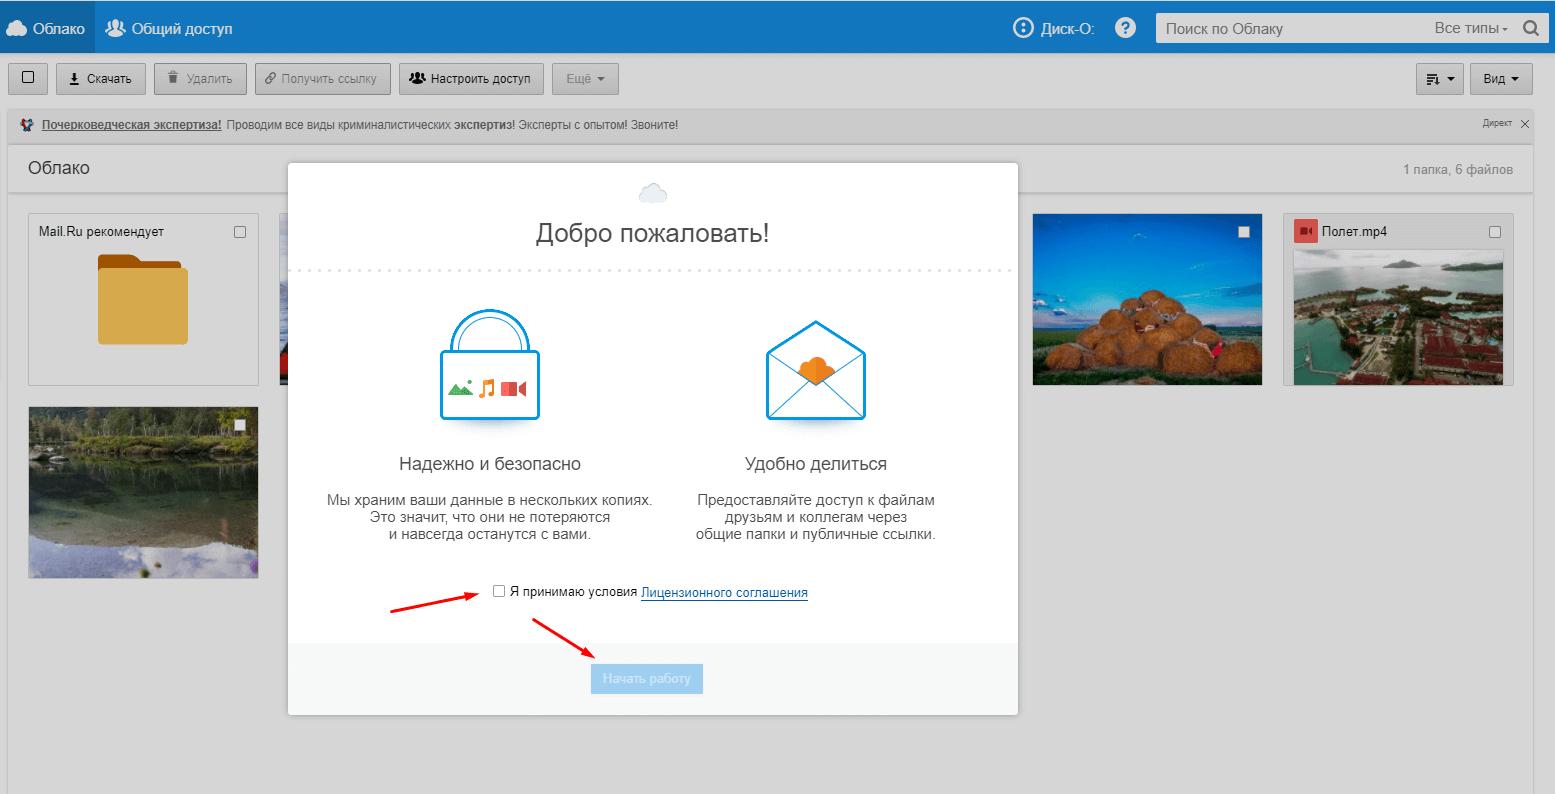 Как загрузить файл на облоко